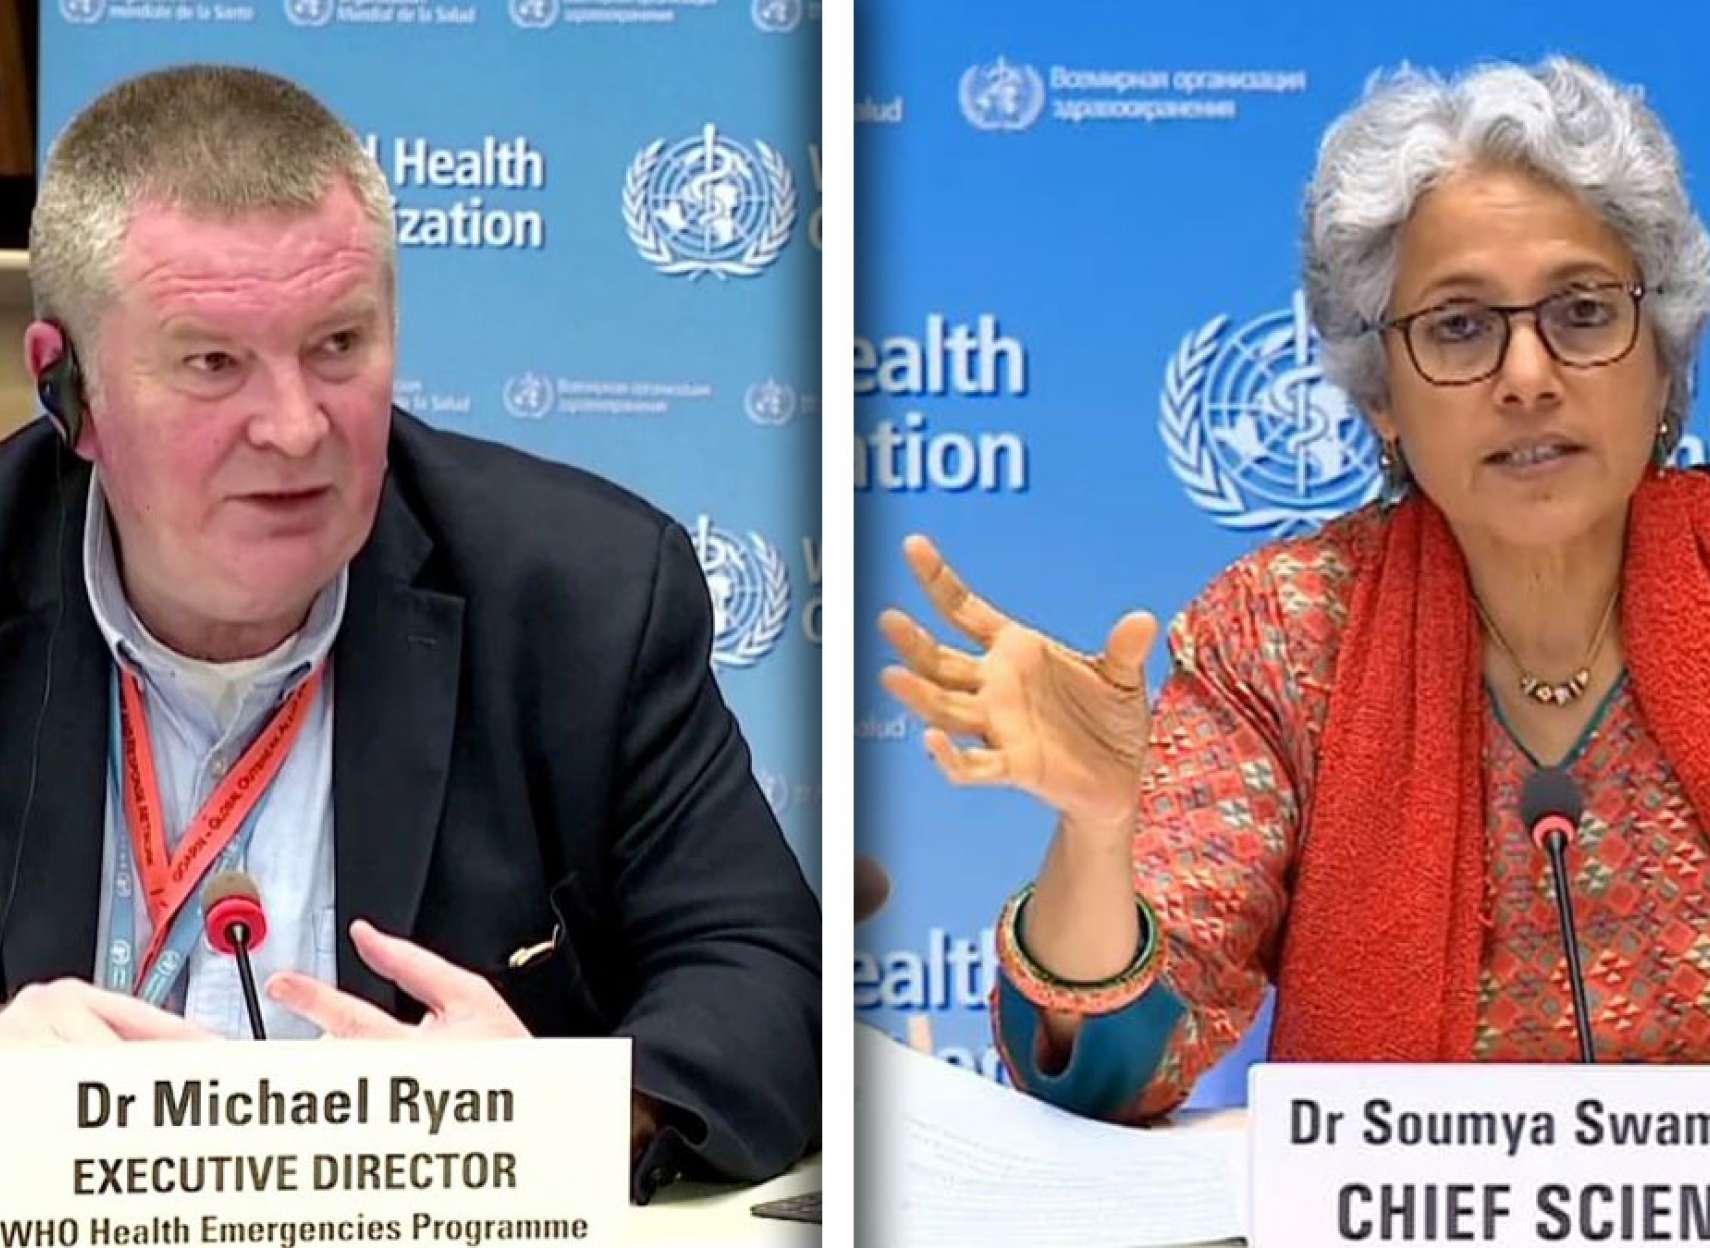 سازمان-بهداشت-جهانی-شاید-واکسن-ها-جلوی-شیوع-کرونا-را-نگیرند-و-بیماری-های-آینده-بدتر-باشند